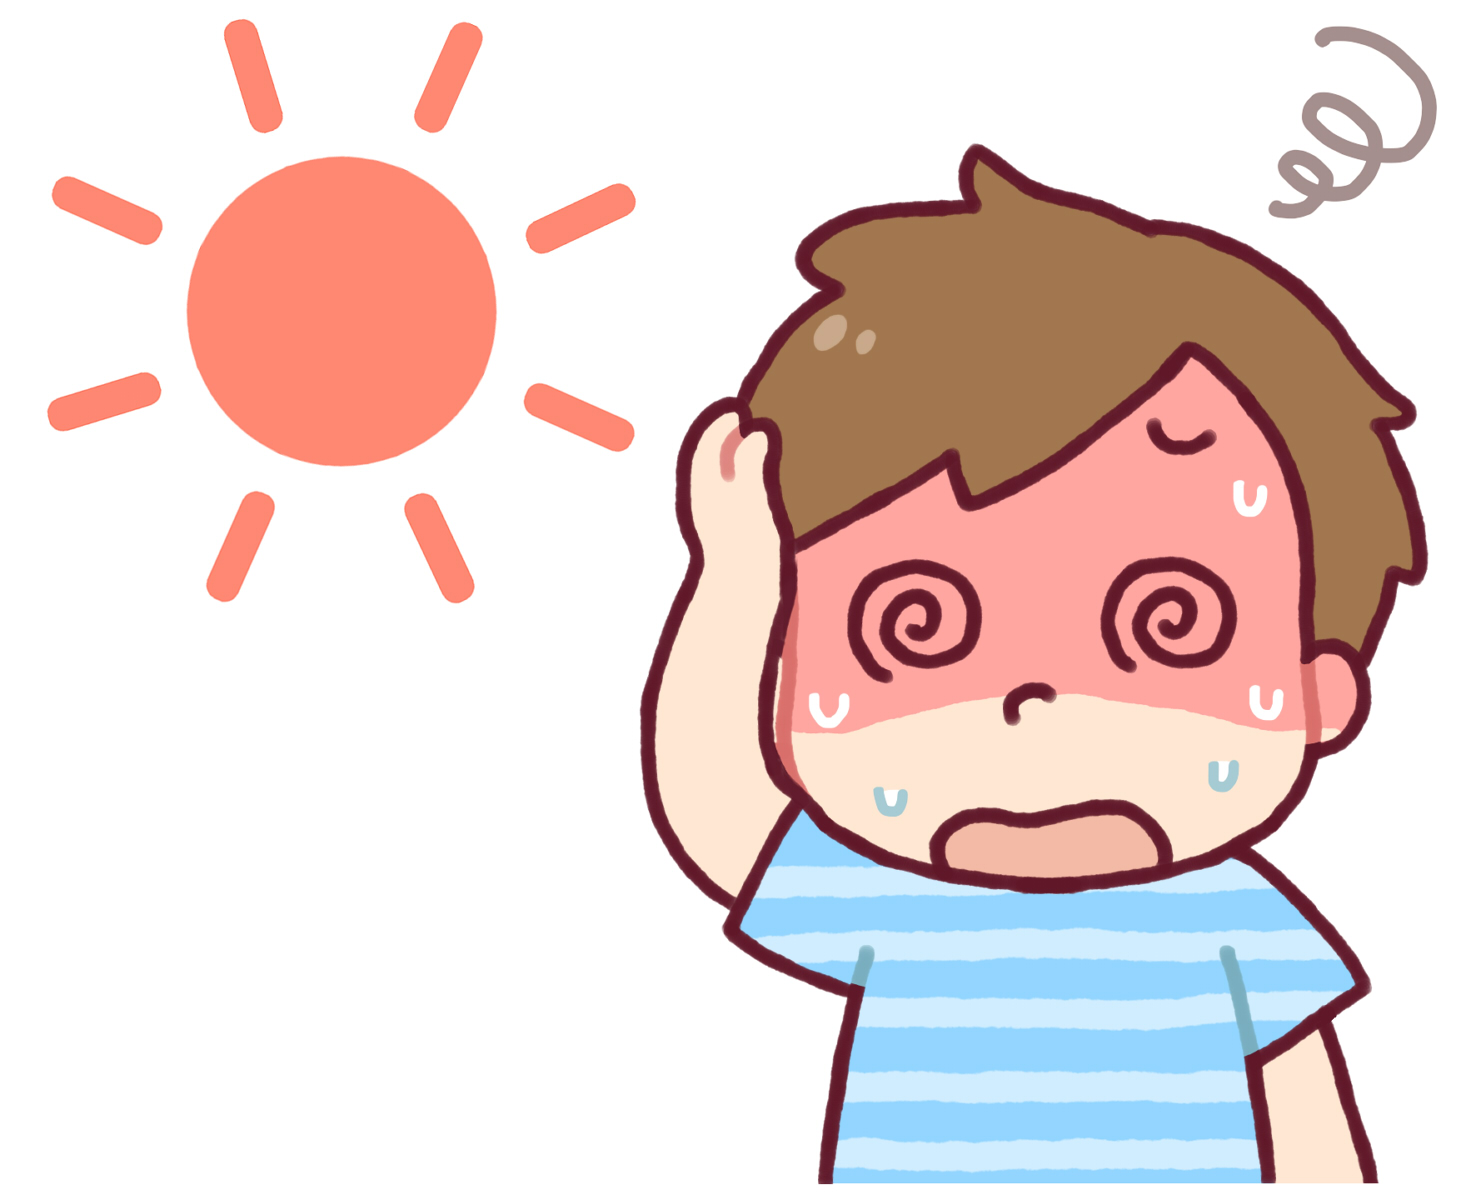 熱中症に対し、どの身体冷却法が優れるか?